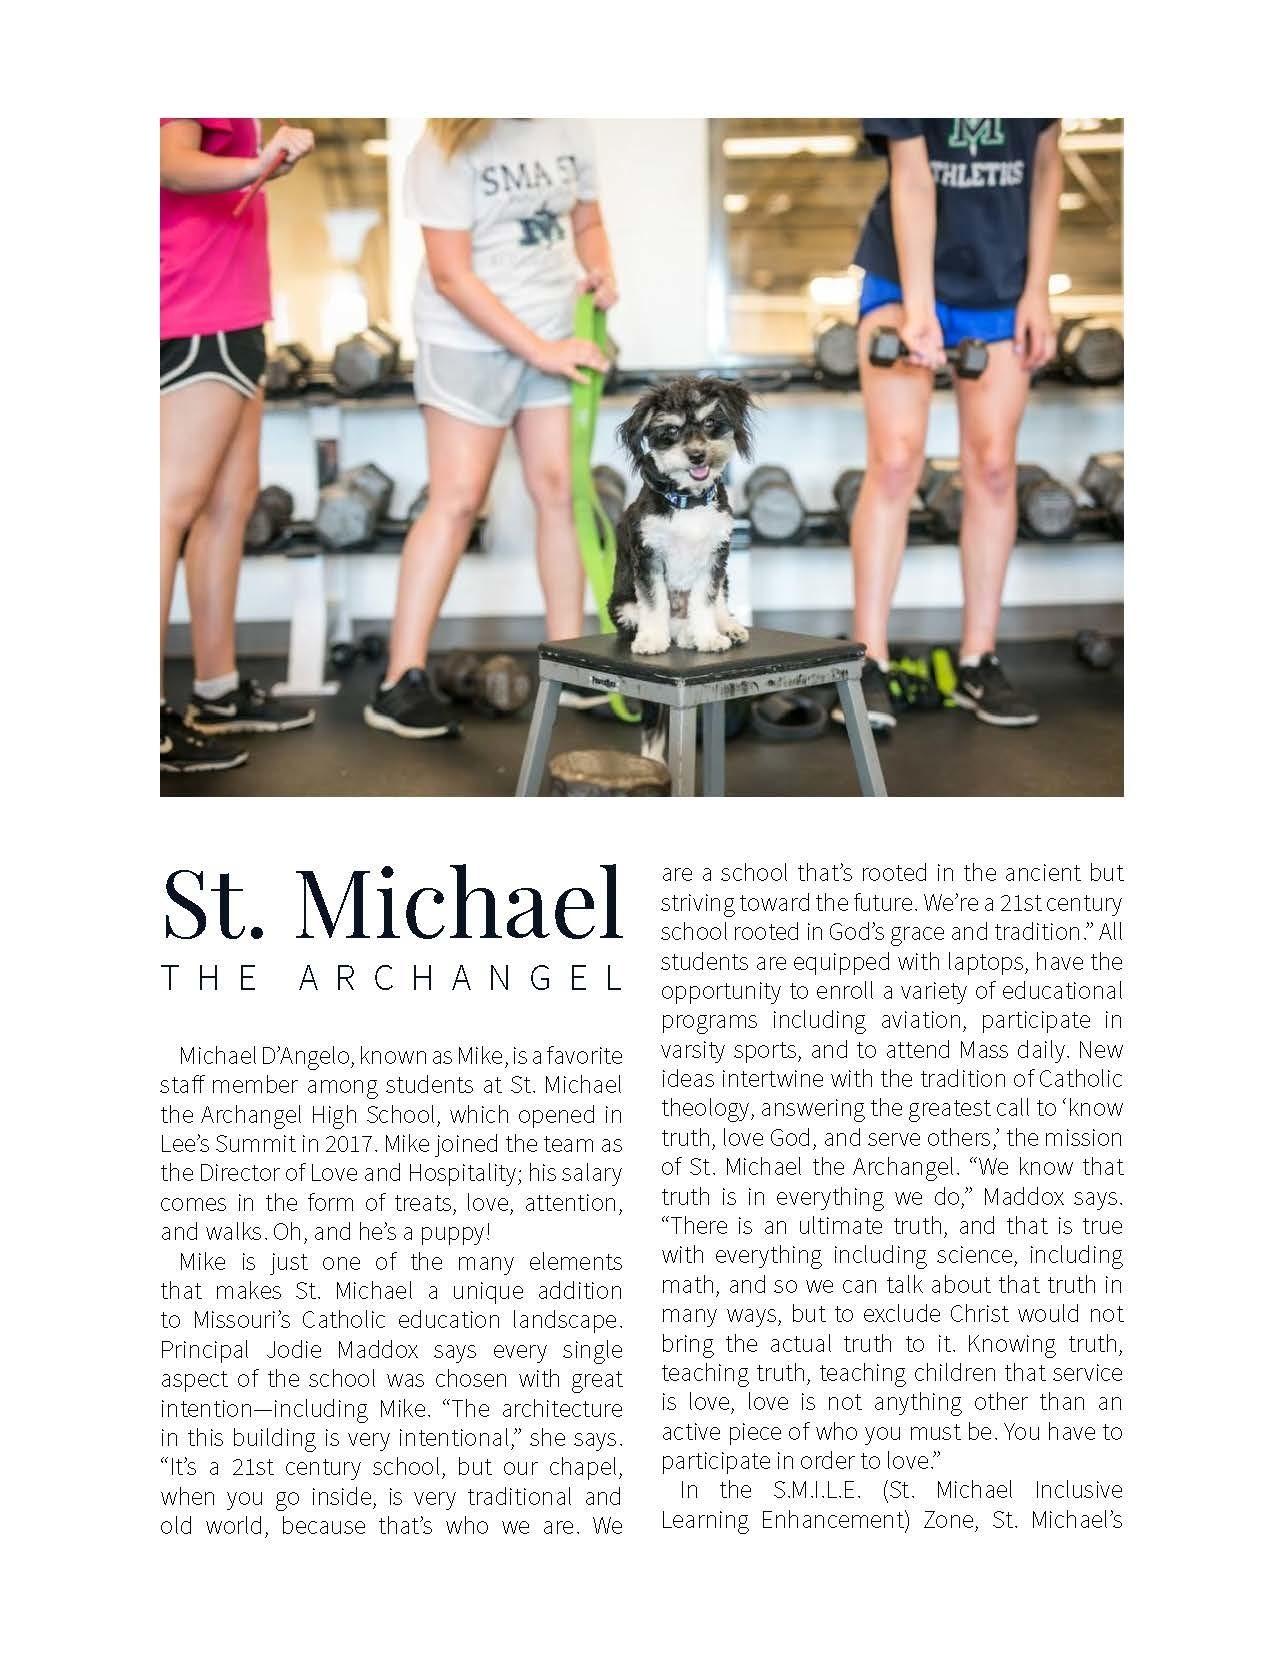 St. Michael Online